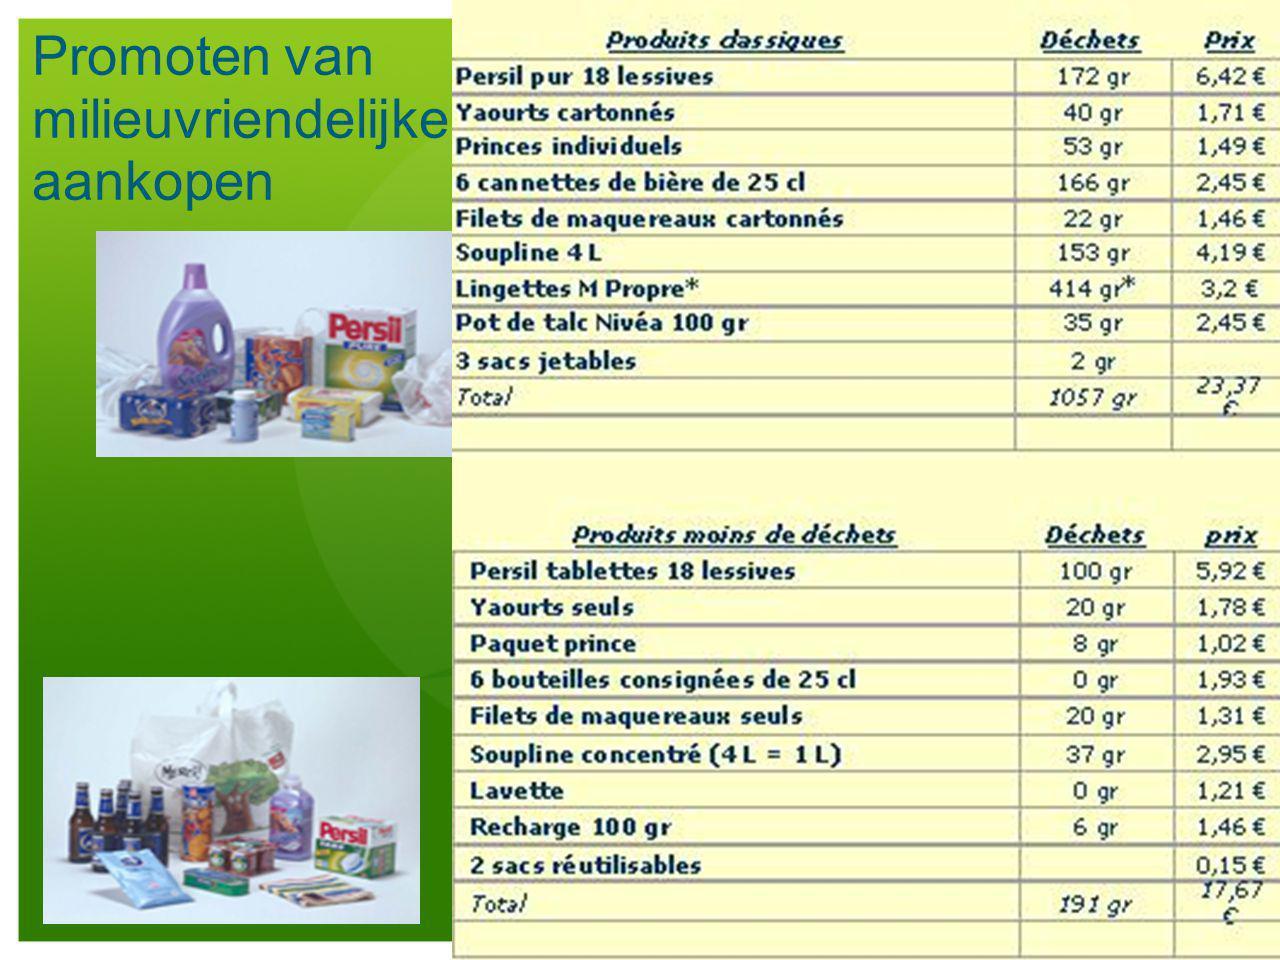 Promoten van milieuvriendelijke aankopen